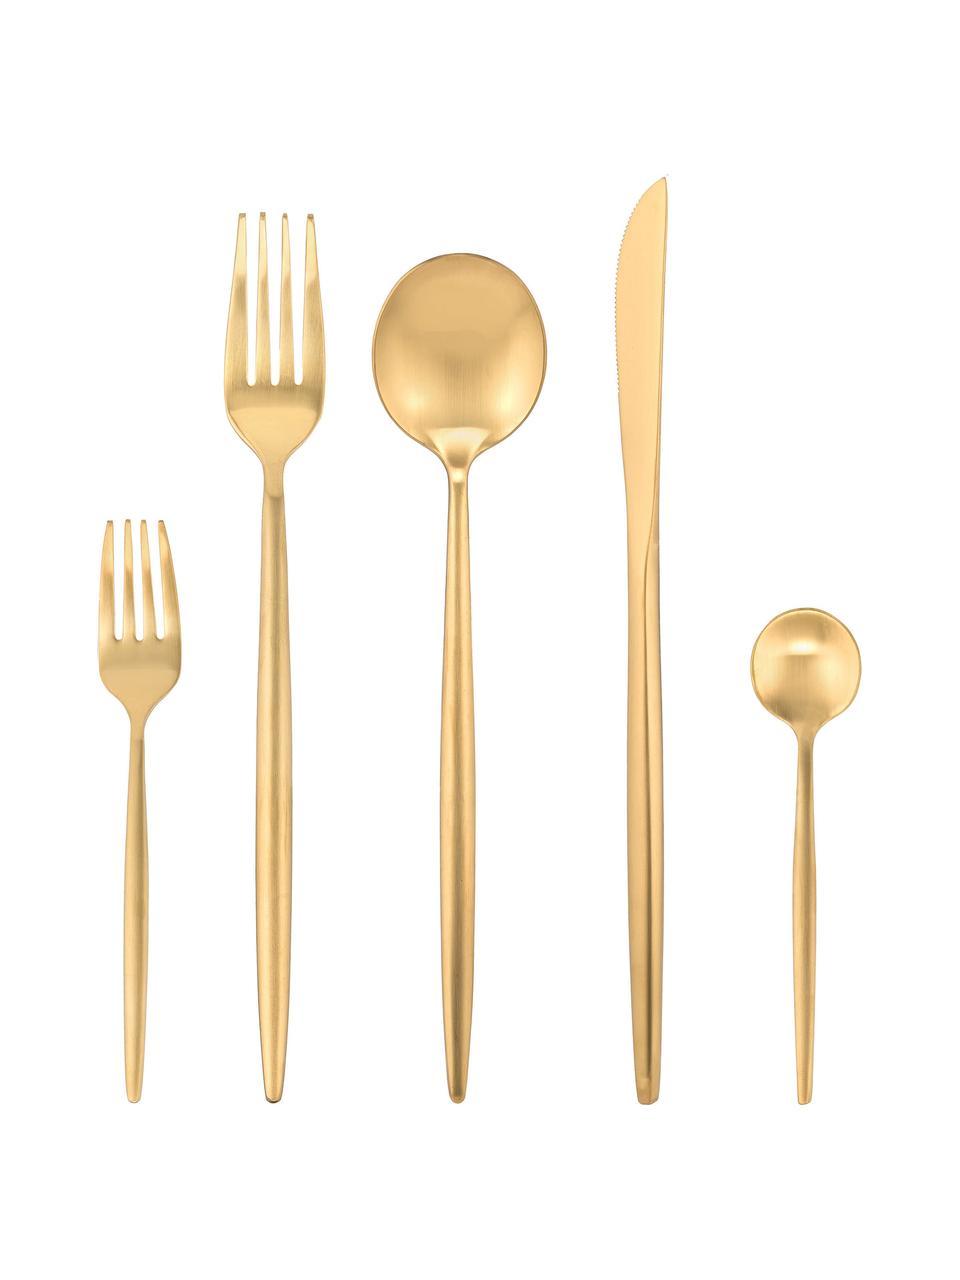 Goudkleurige bestekset Kaylah van edelstaal, in verschillende setgroottes, Goudkleurig, 4 personen (20-delig)